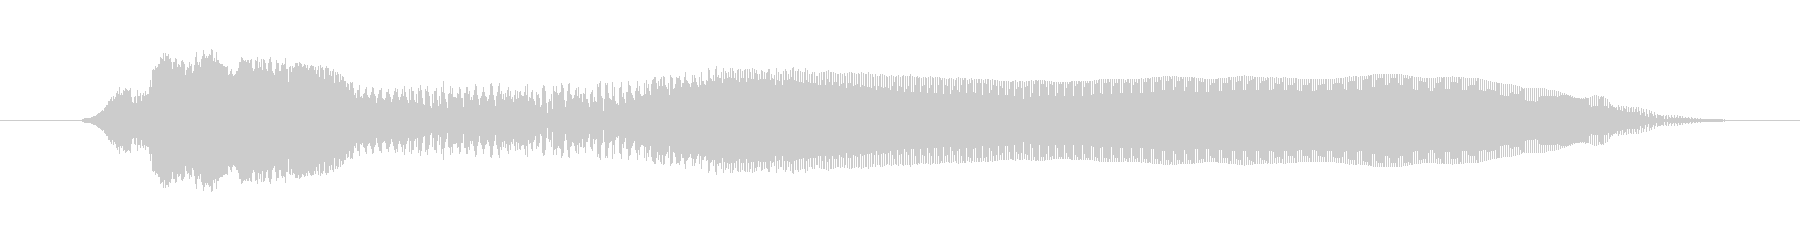 鳴き声 女性ルナティックスクリーム...の未再生の波形